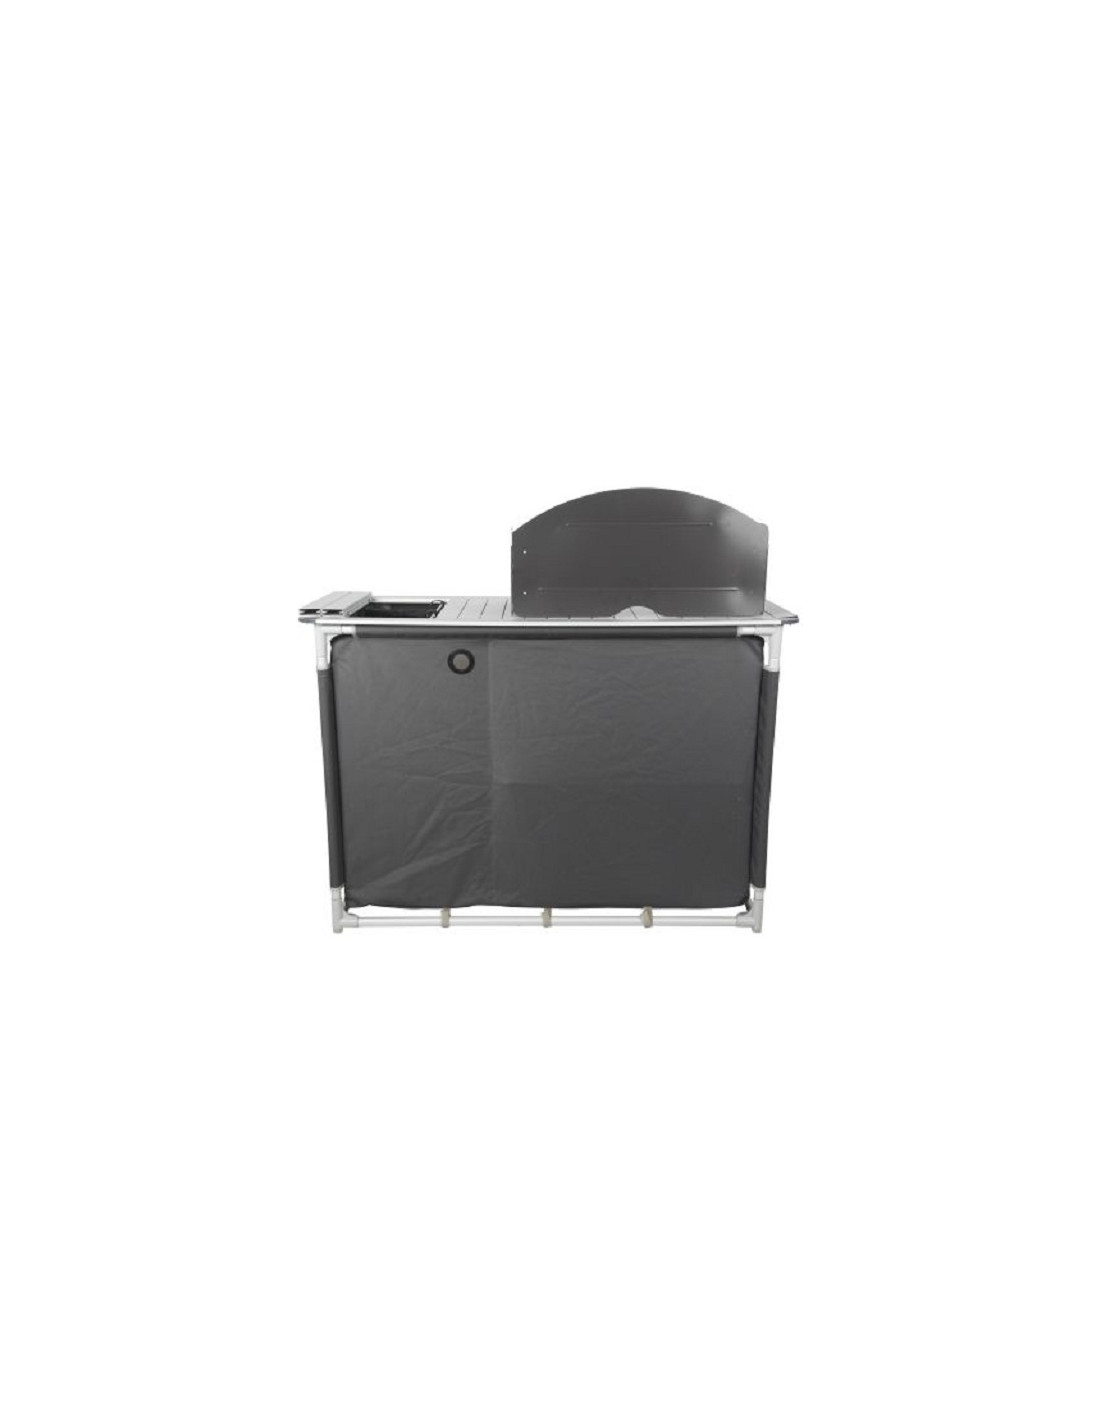 Mueble cocina midland en aluminio con fregadero tienda for Muebles cocina online